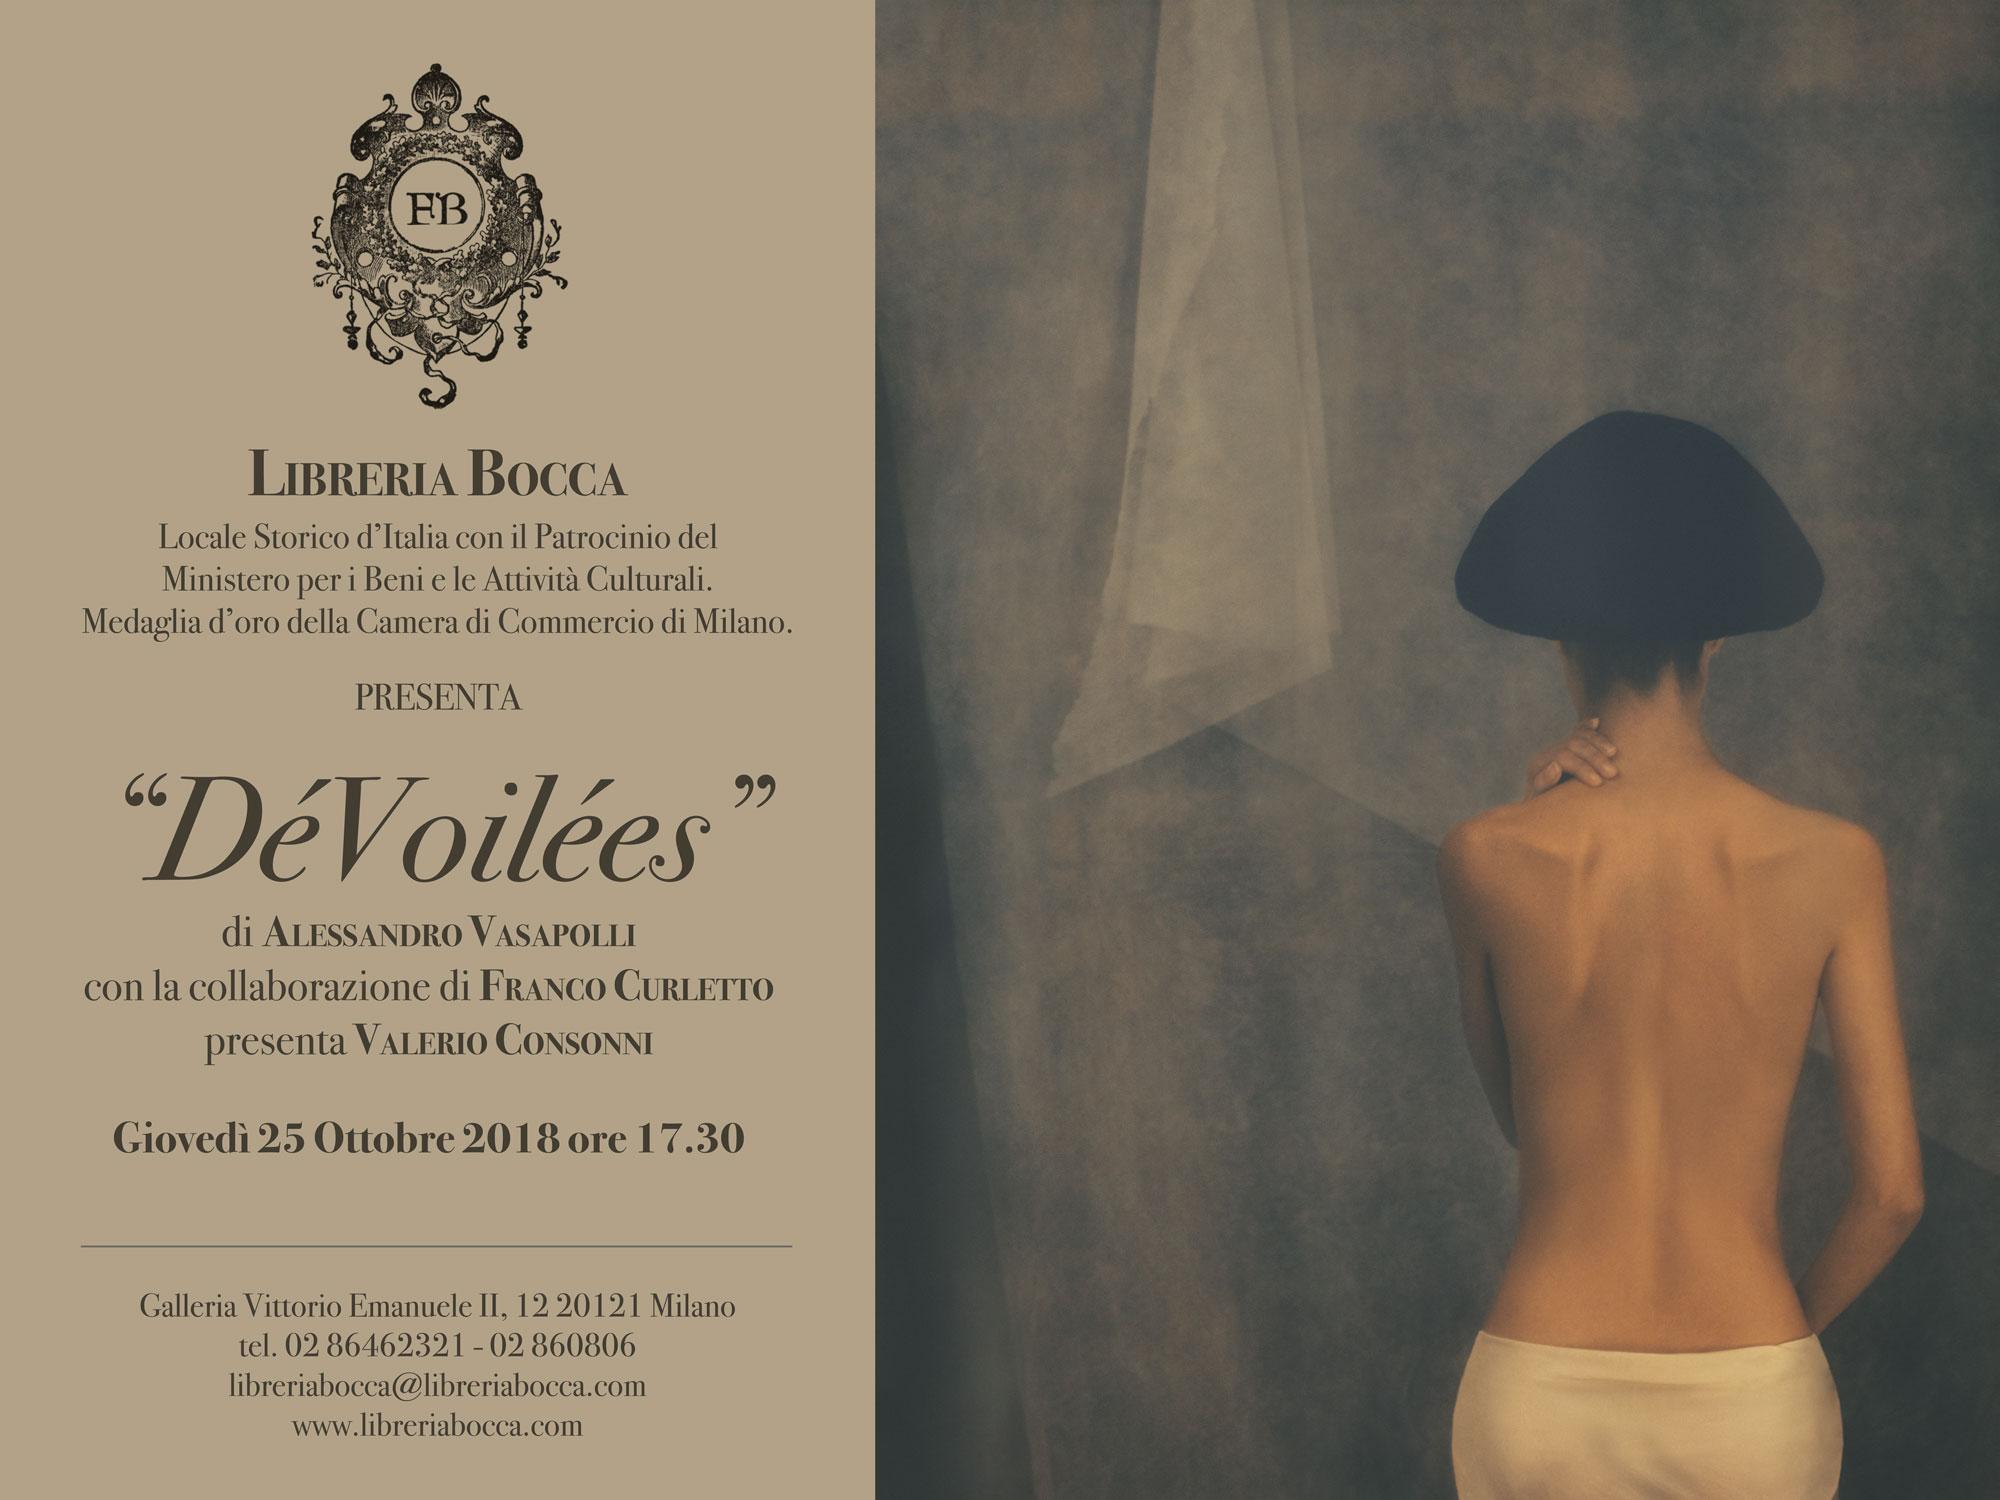 Presentazione_Libreria_Bocca_25_10_2018_Alessandro_Vasapolli_Devoilees